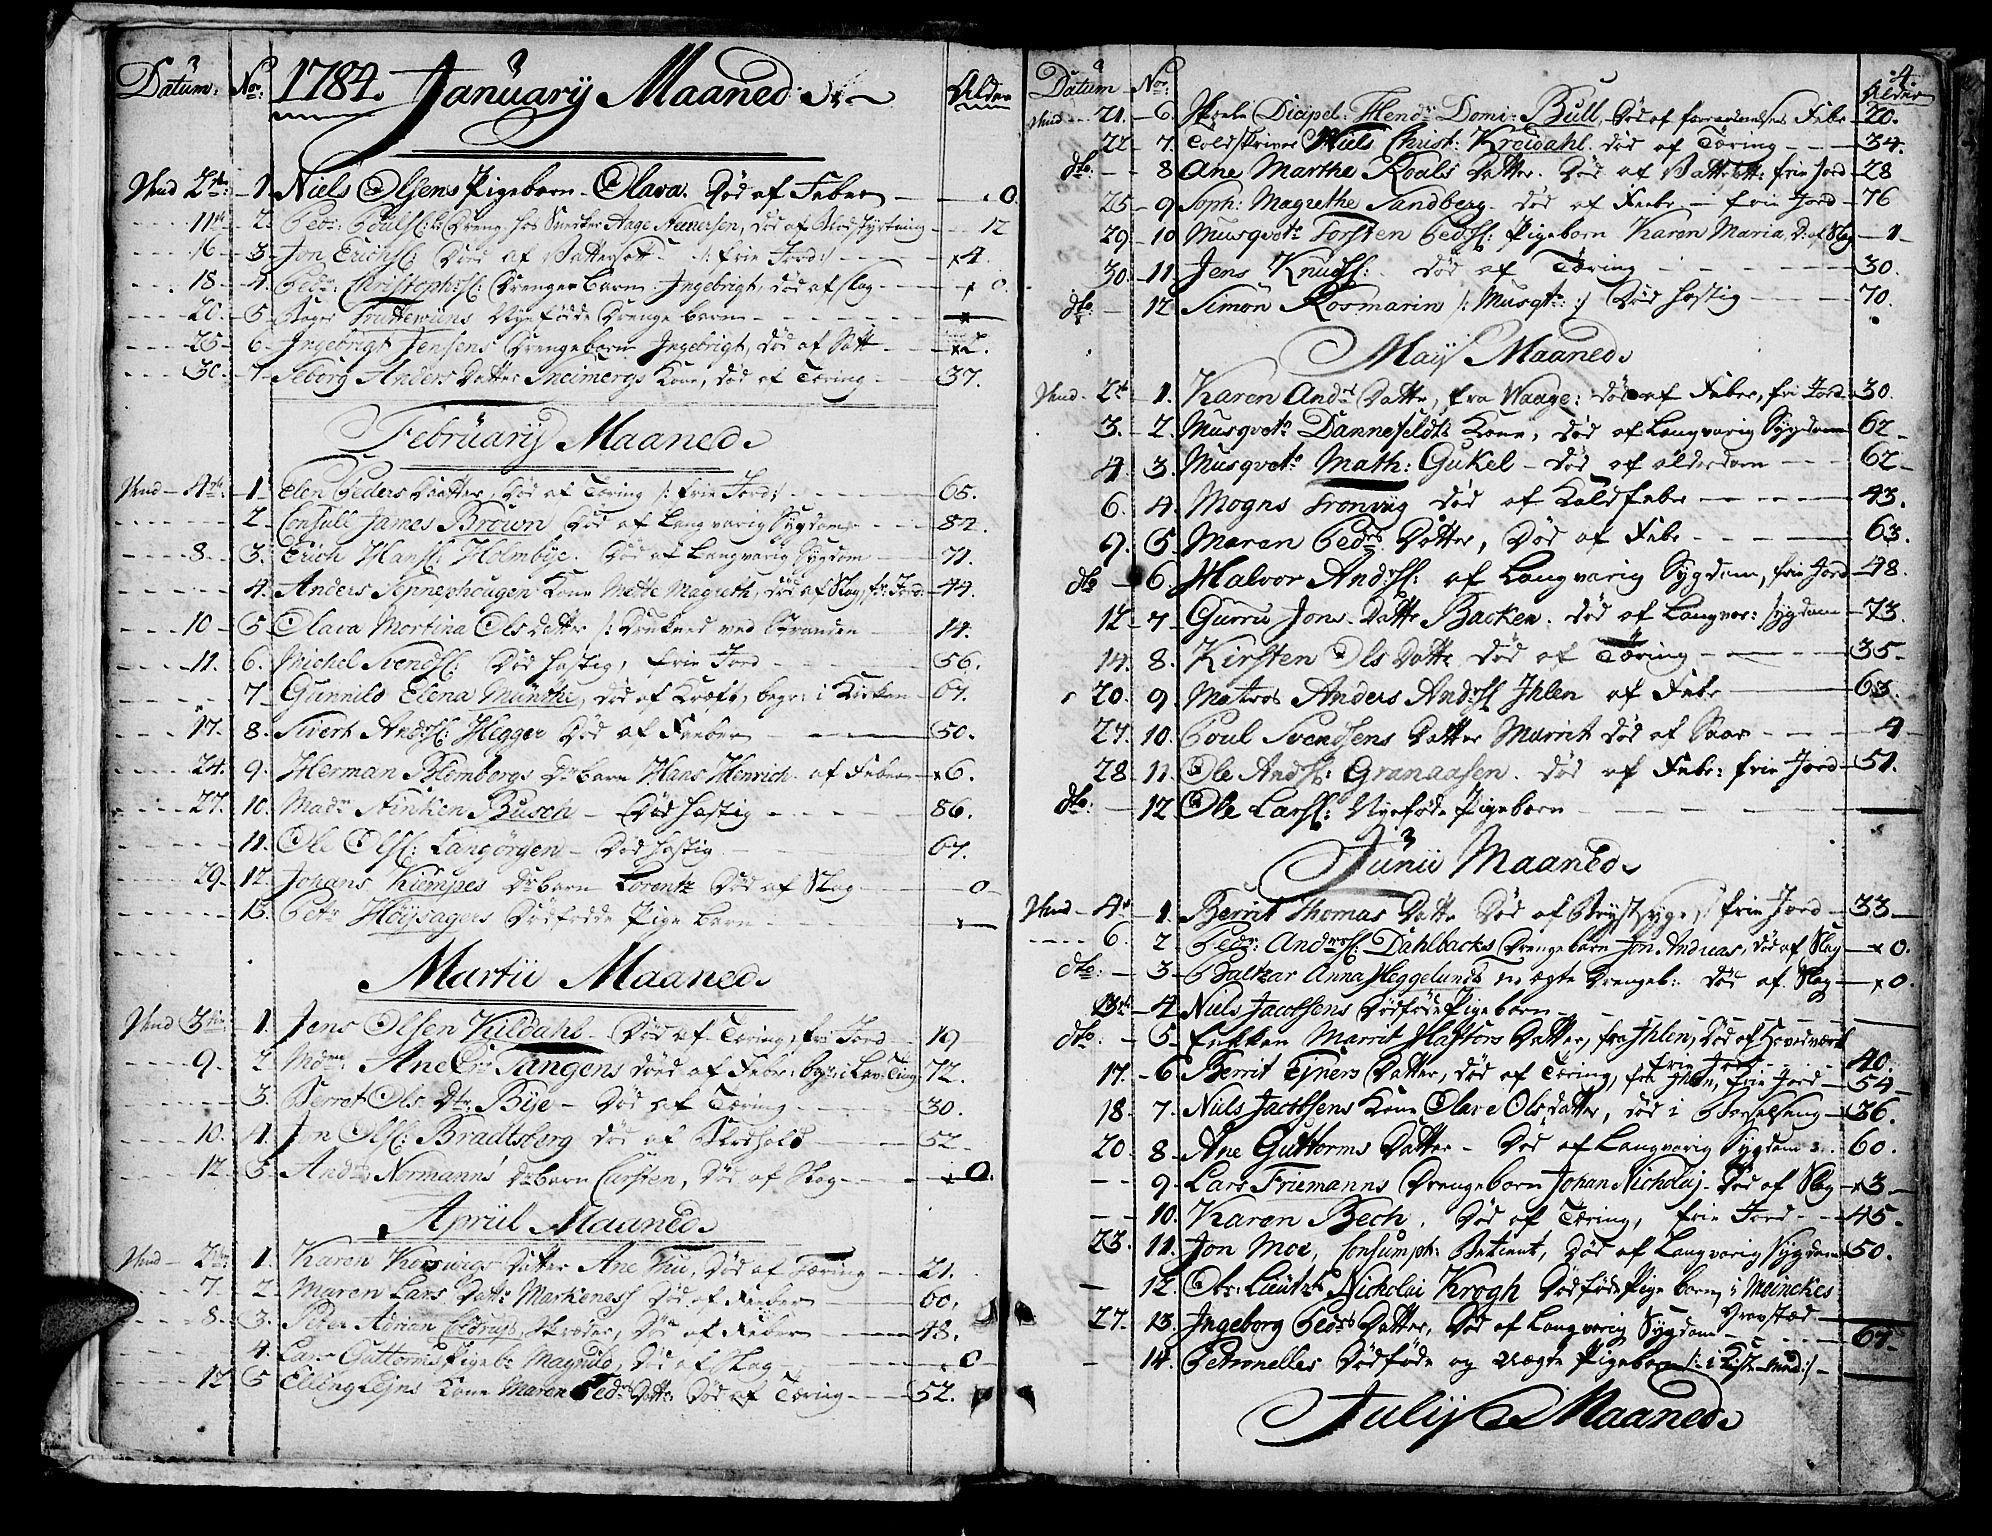 SAT, Ministerialprotokoller, klokkerbøker og fødselsregistre - Sør-Trøndelag, 601/L0040: Ministerialbok nr. 601A08, 1783-1818, s. 4